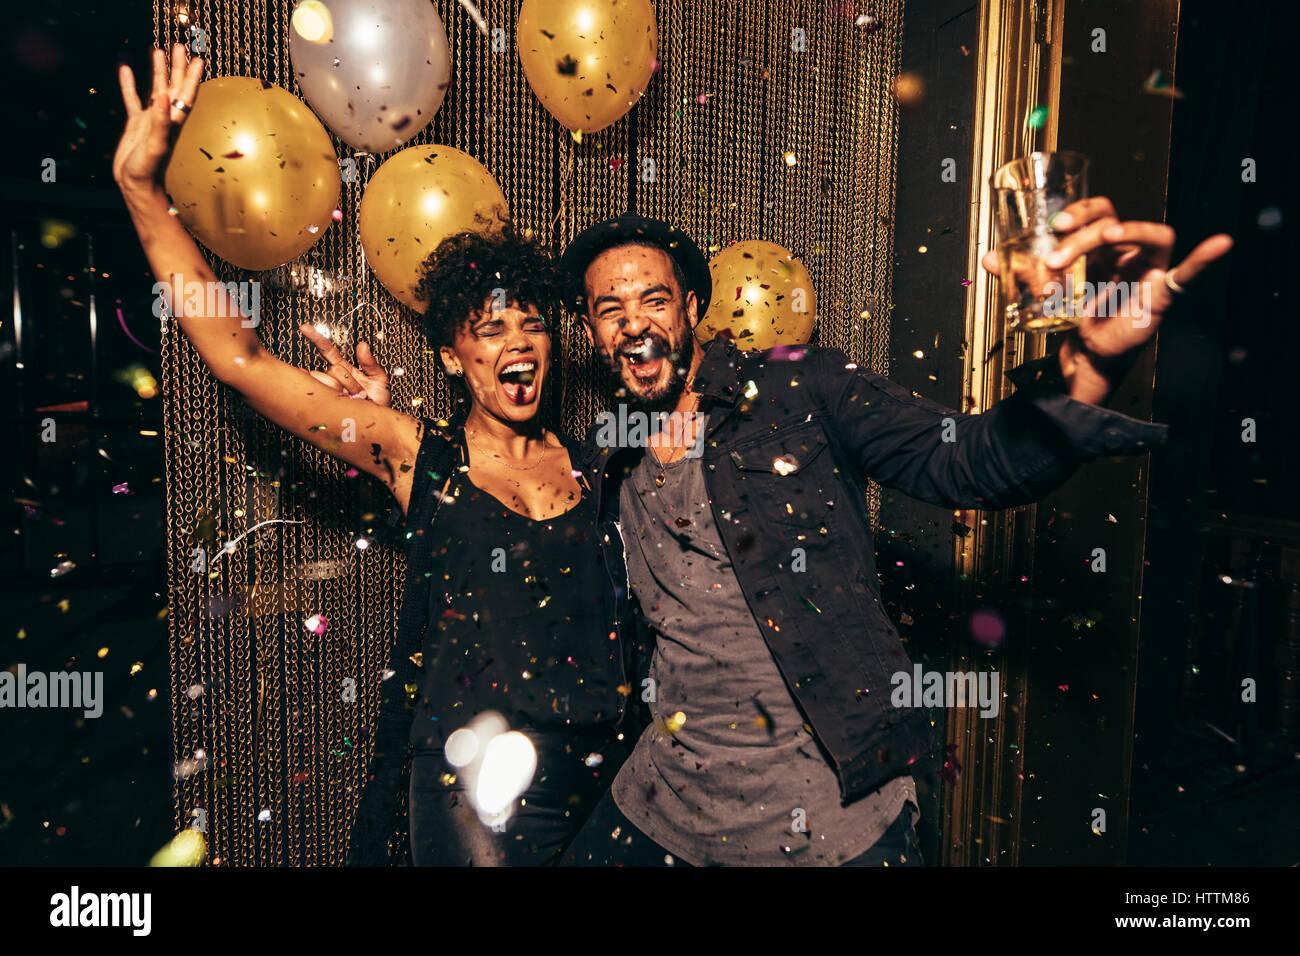 Schuss von energetischen Paare tanzen in der Diskothek. Junger Mann und Frau, die Spaß am Pub feiern. Stockbild